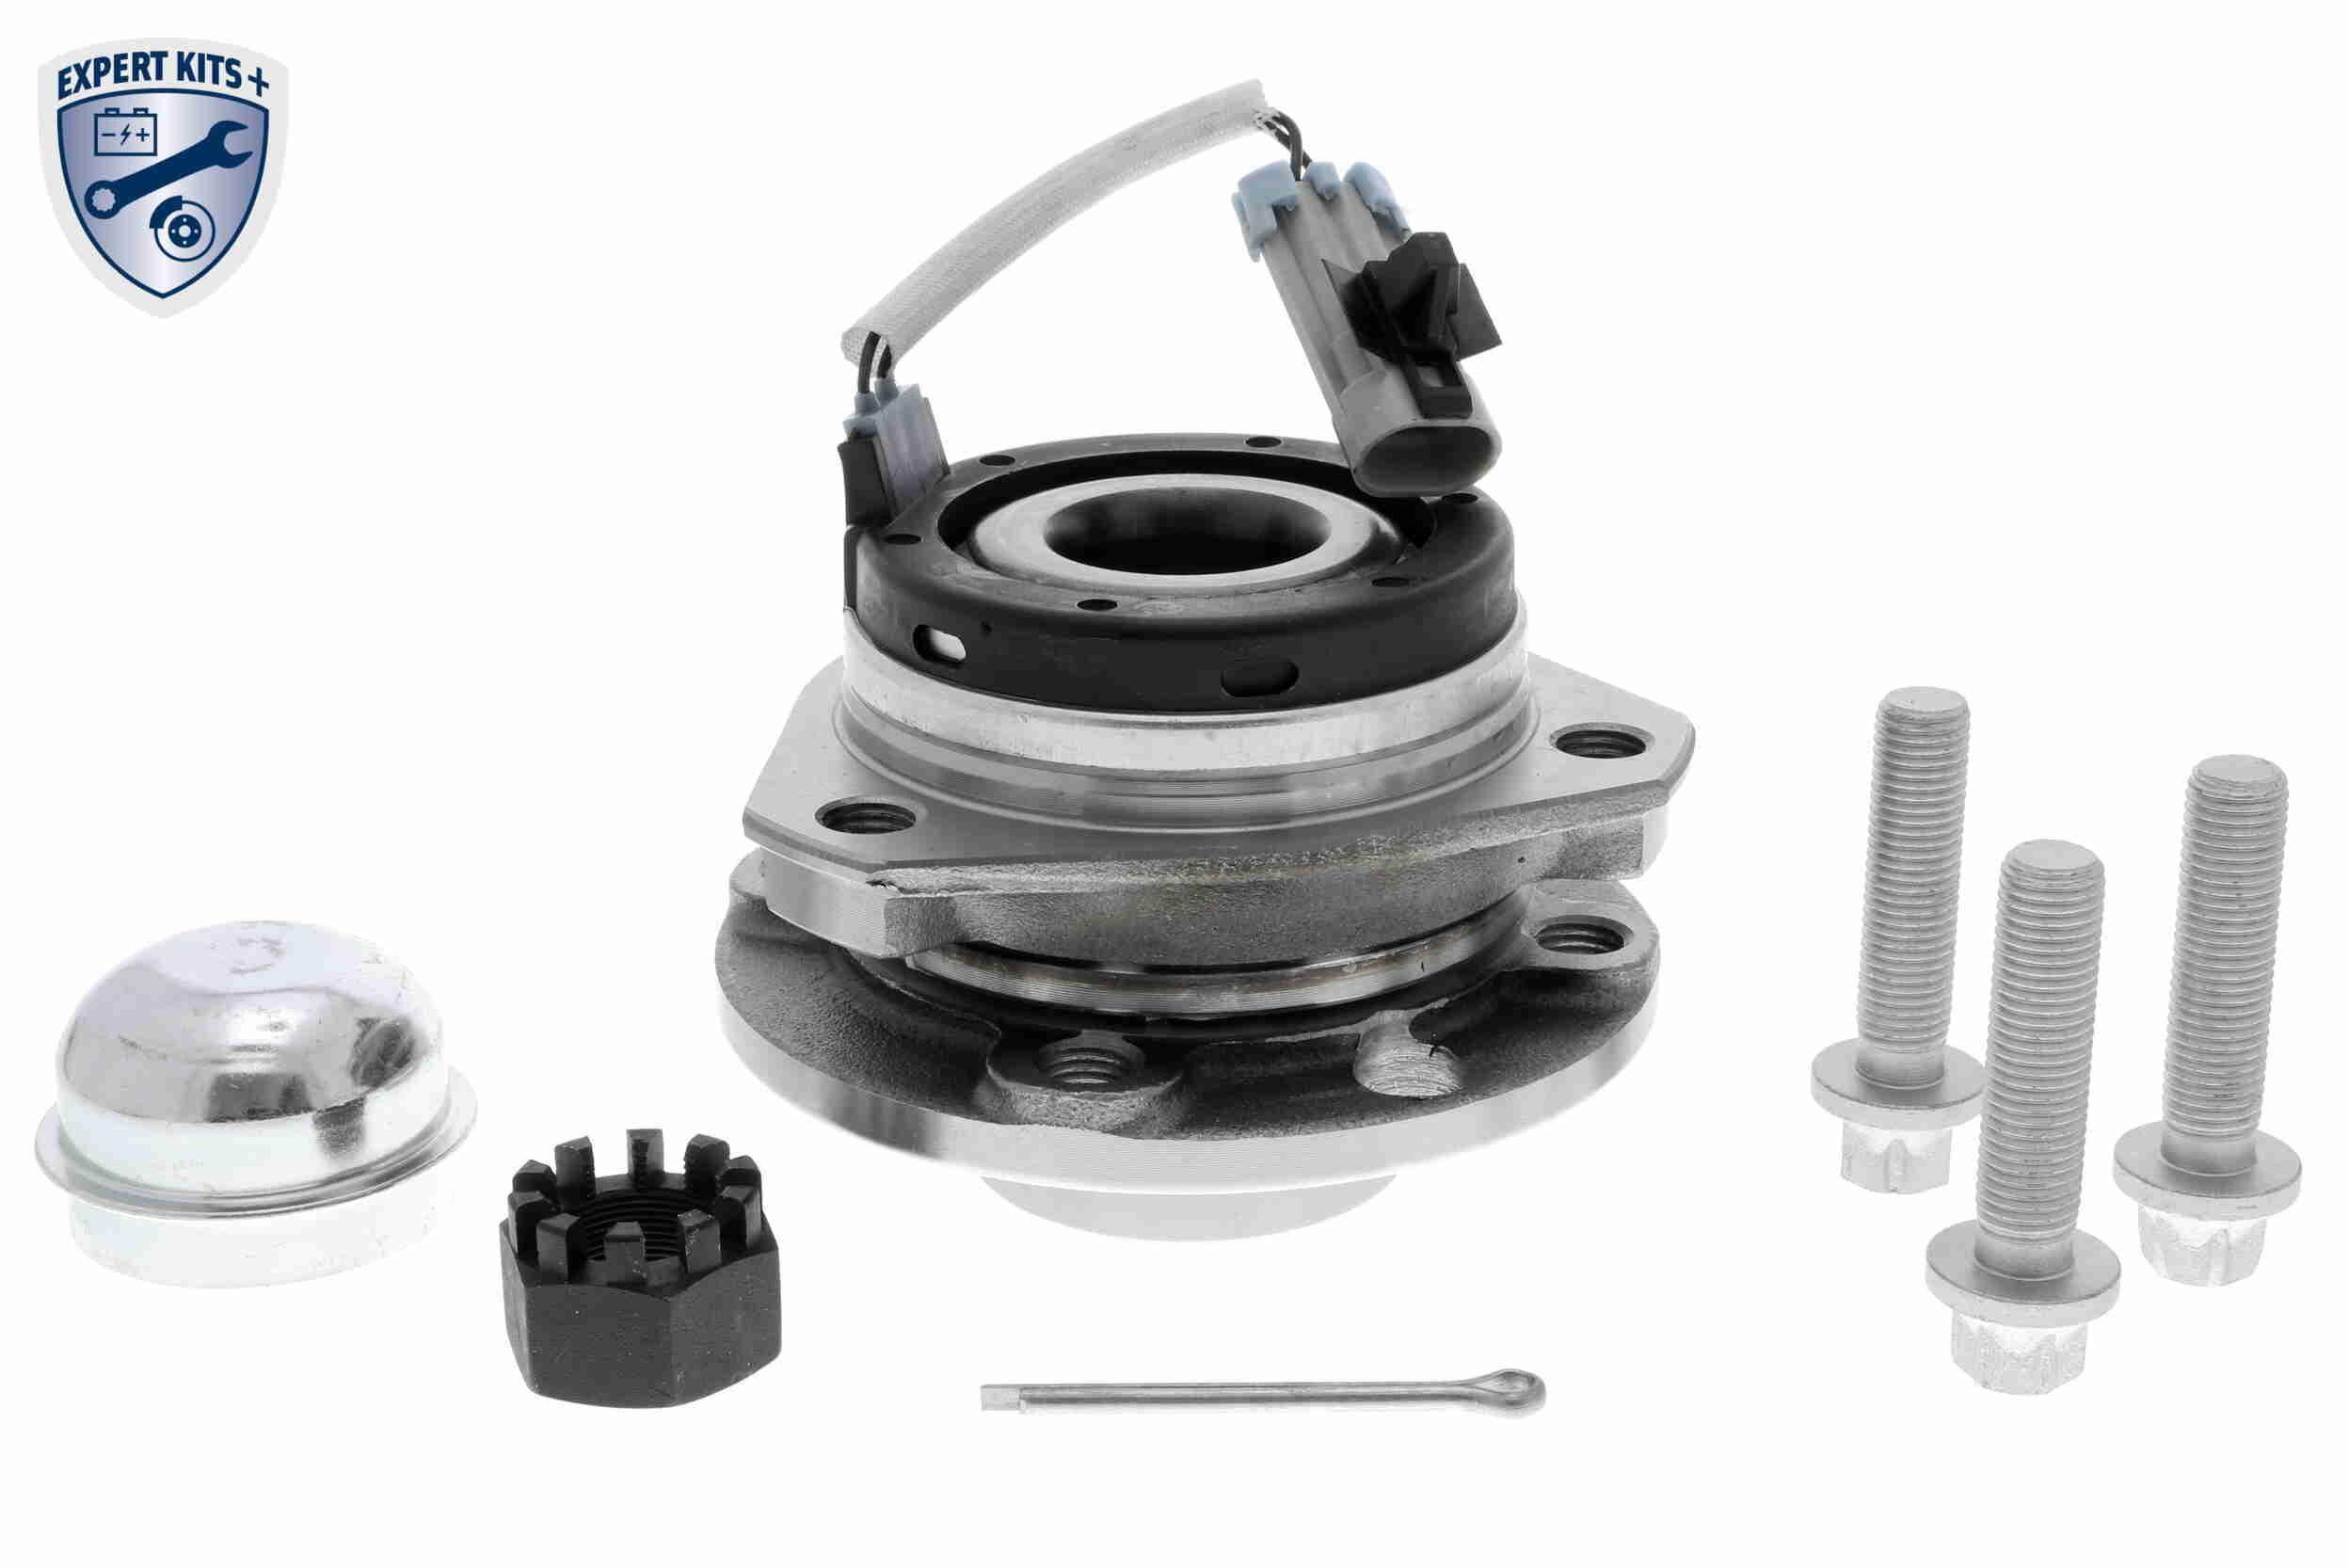 Купете V40-7004 VAICO предна ос, CST98, с интегриран магнитен сензорен пръстен Ø: 119мм, вътрешен диаметър: 28мм Комплект колесен лагер V40-7004 евтино